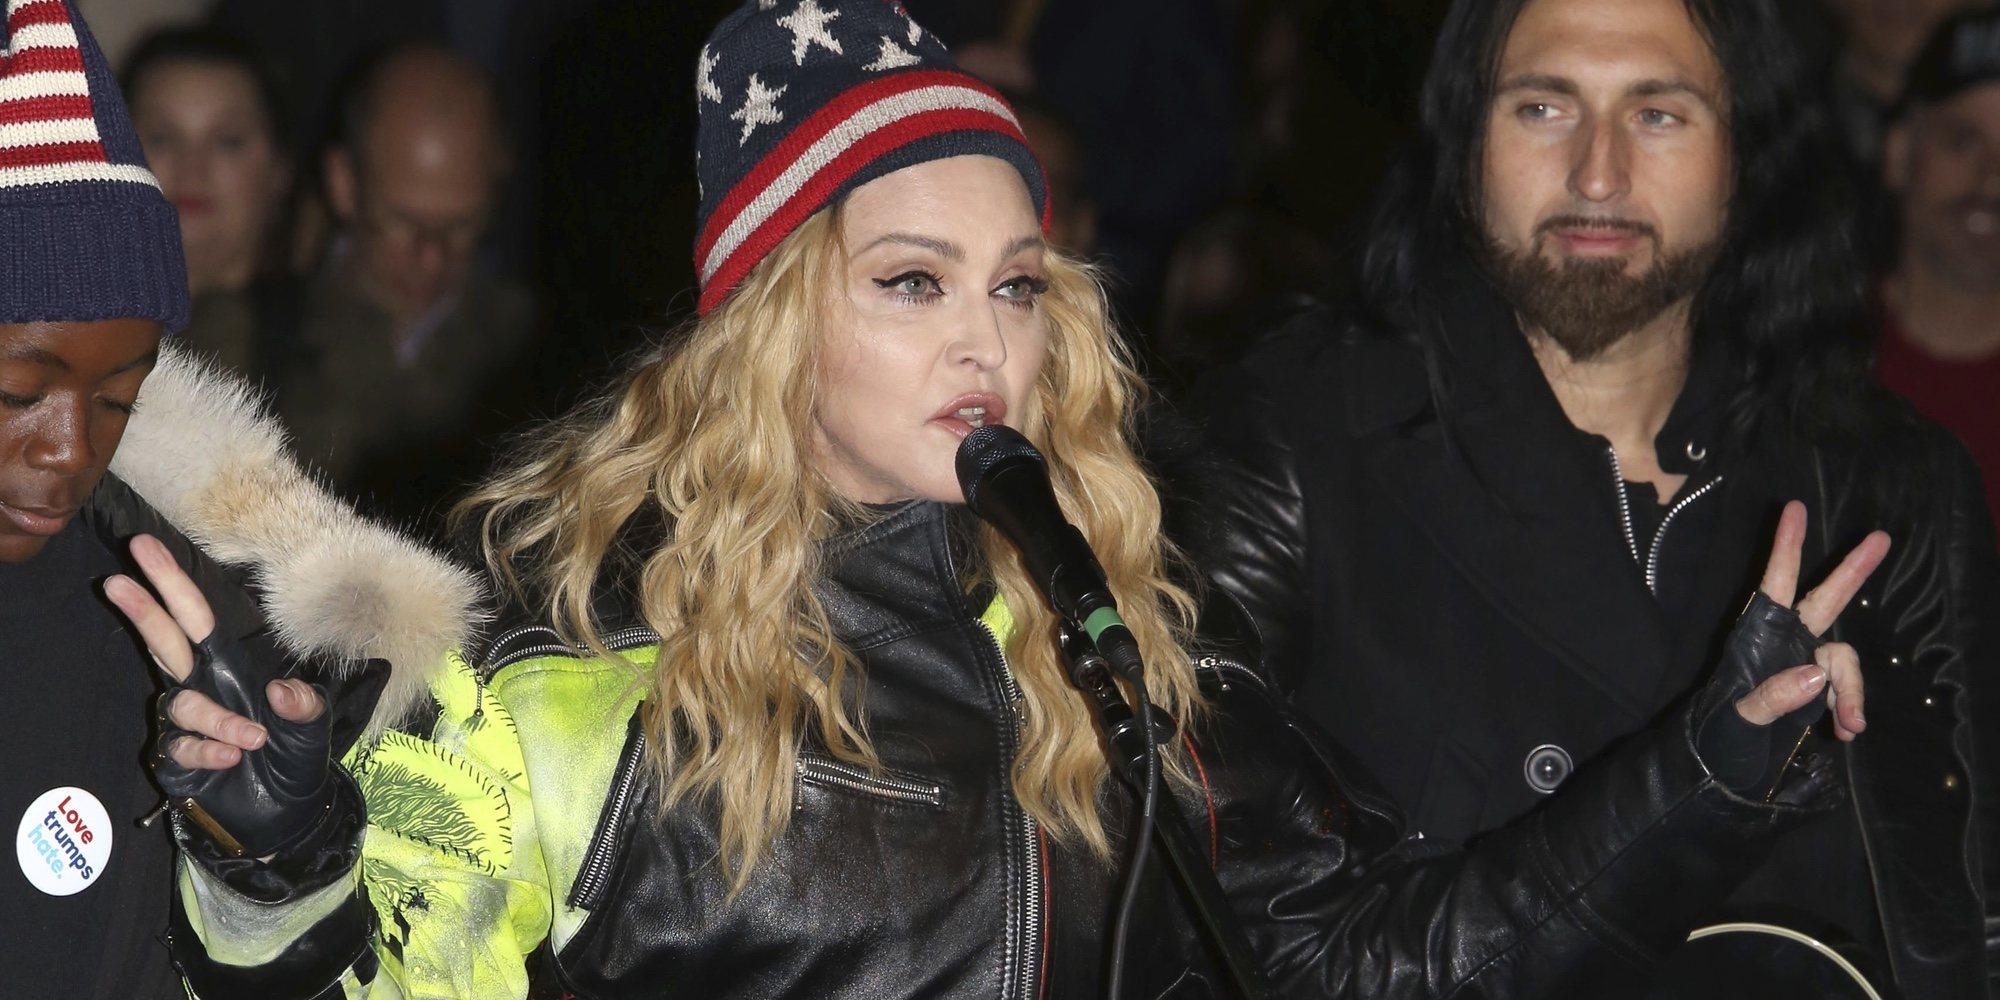 Madonna rechaza el boicot a Eurovisión 2019 aterrizando en Tel Aviv 3 días antes de la final del Festival